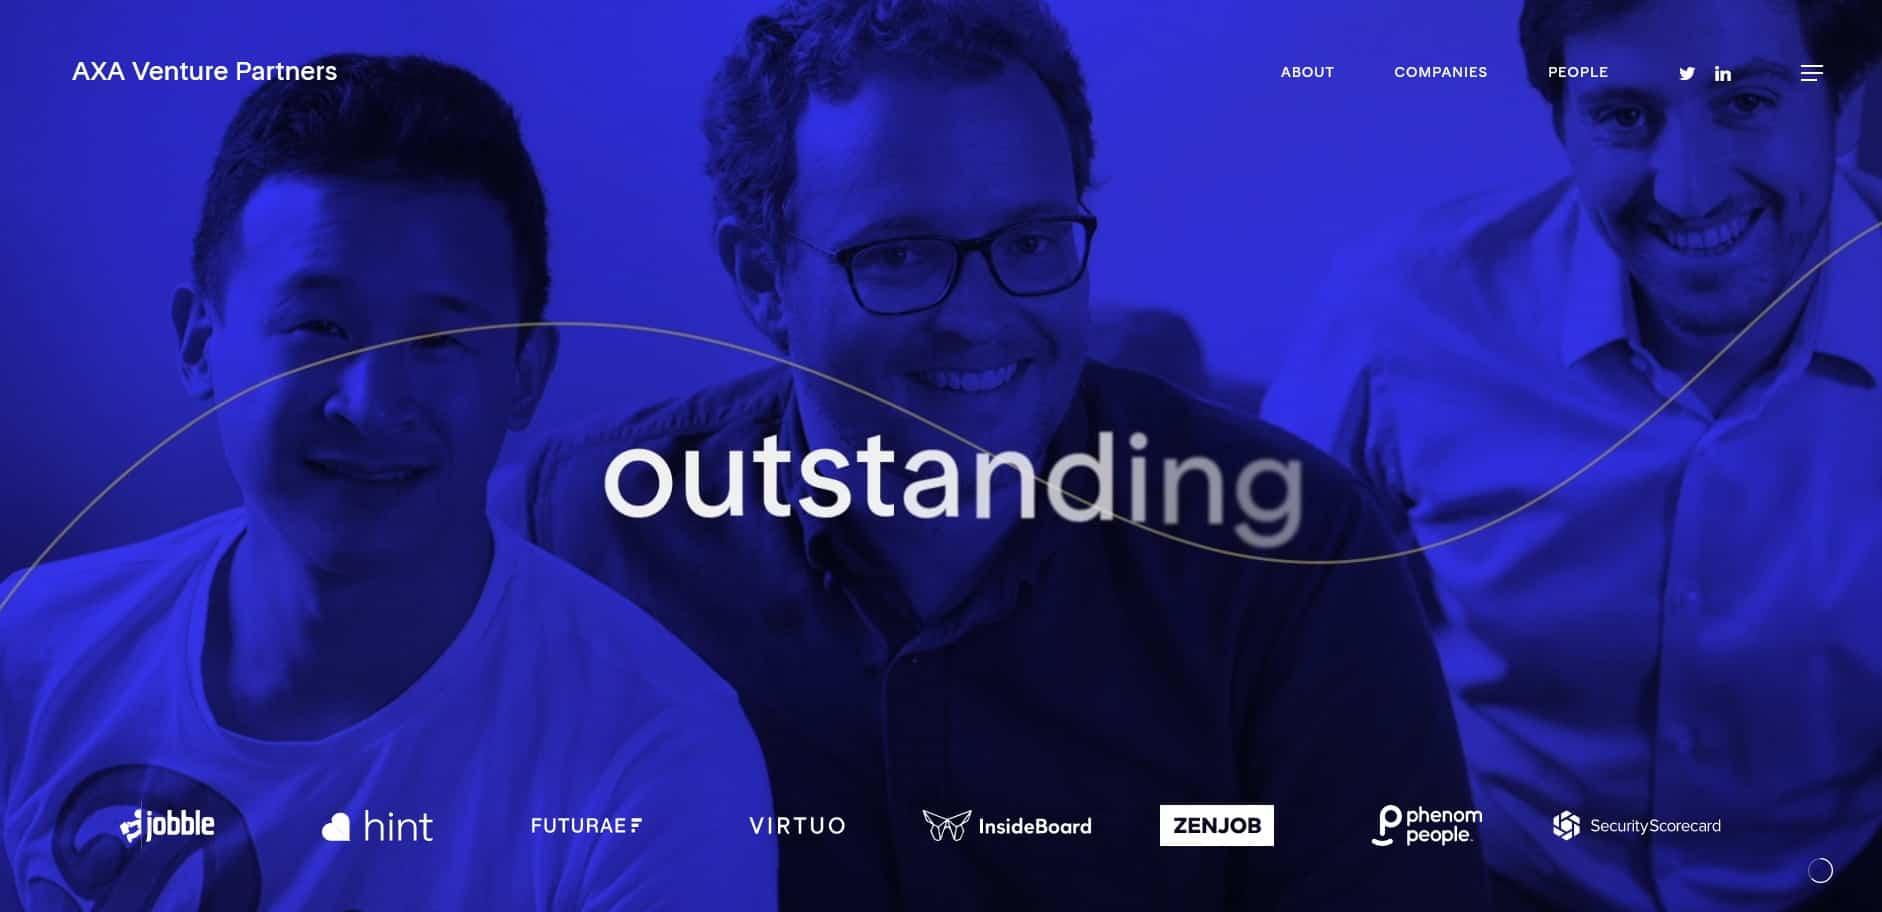 AXA Venture Partner